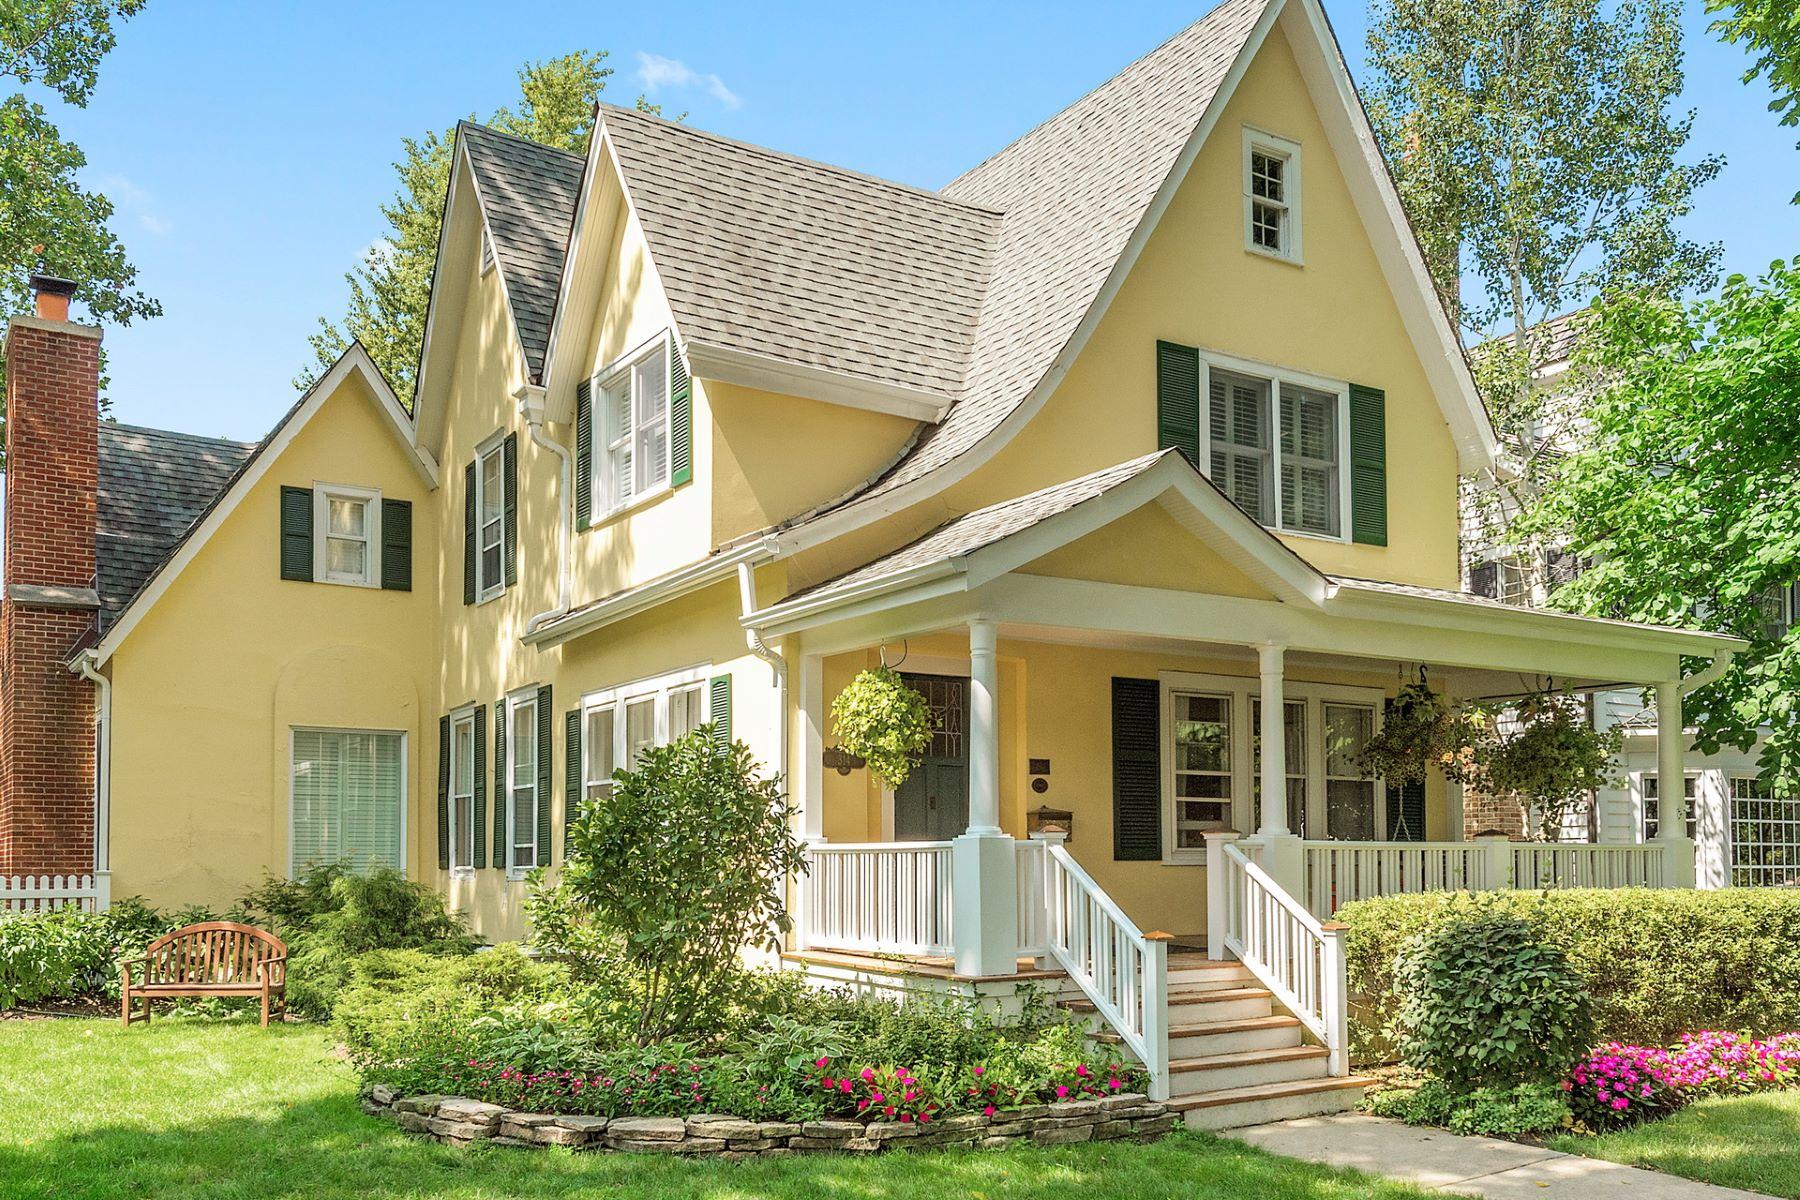 Casa Unifamiliar por un Venta en 314 N Lincoln Hinsdale Hinsdale, Illinois, 60521 Estados Unidos